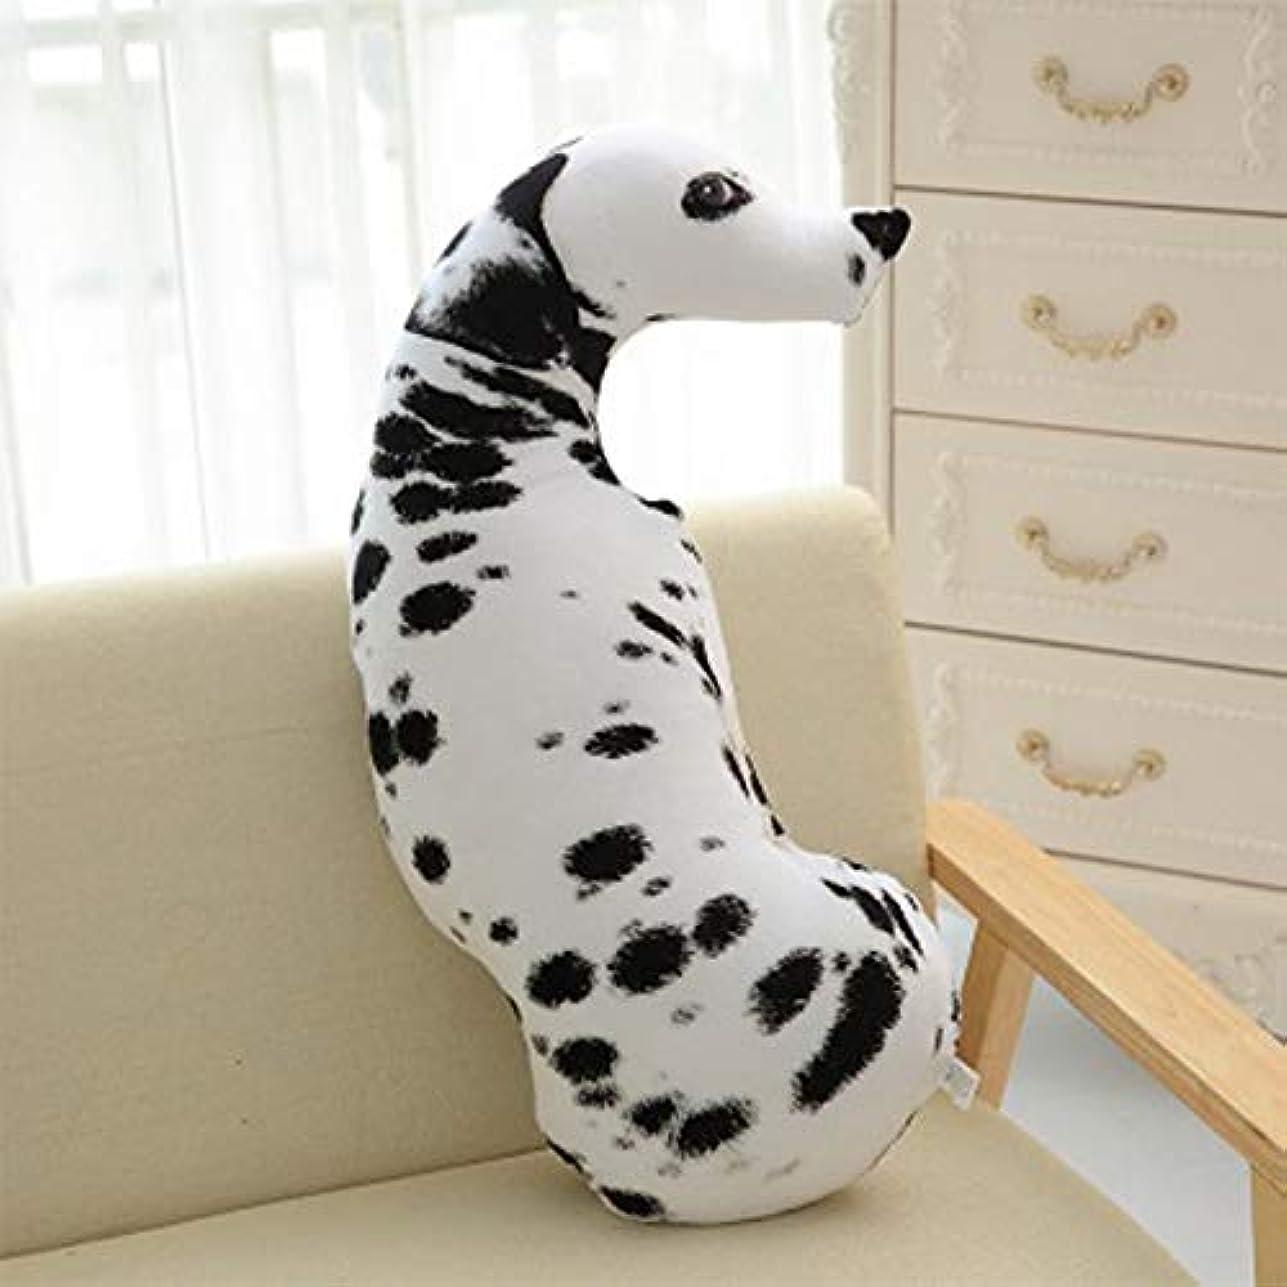 誤トピック宇宙のLIFE 3D プリントシミュレーション犬ぬいぐるみクッションぬいぐるみ犬ぬいぐるみ枕ぬいぐるみの漫画クッションキッズ人形ベストギフト クッション 椅子